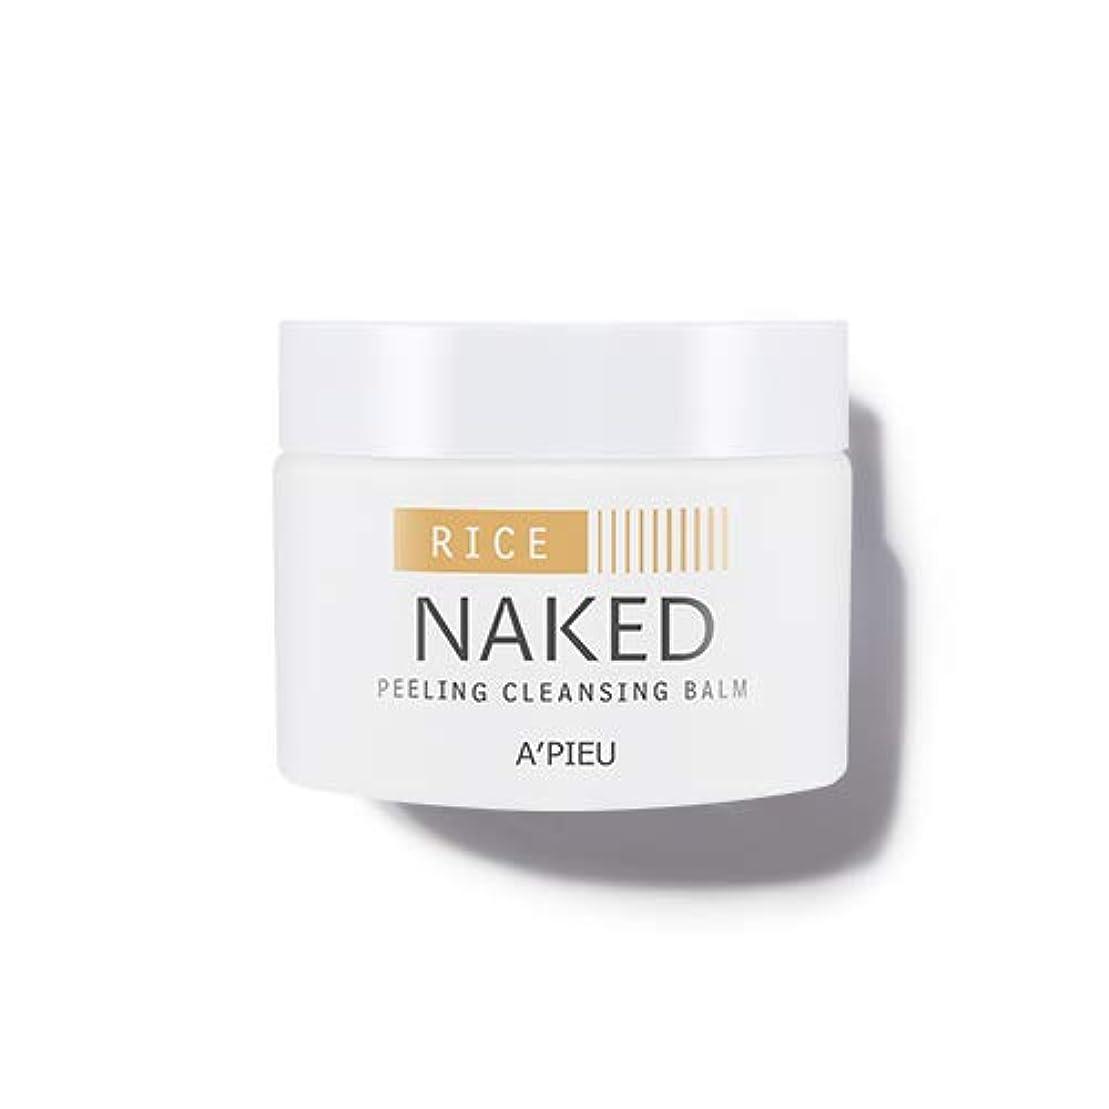 原油頼むサイズアピュ ネイキッド ピーリング クレンジング バーム 45g / APIEU Naked Peeling Cleansing Balm [並行輸入品]